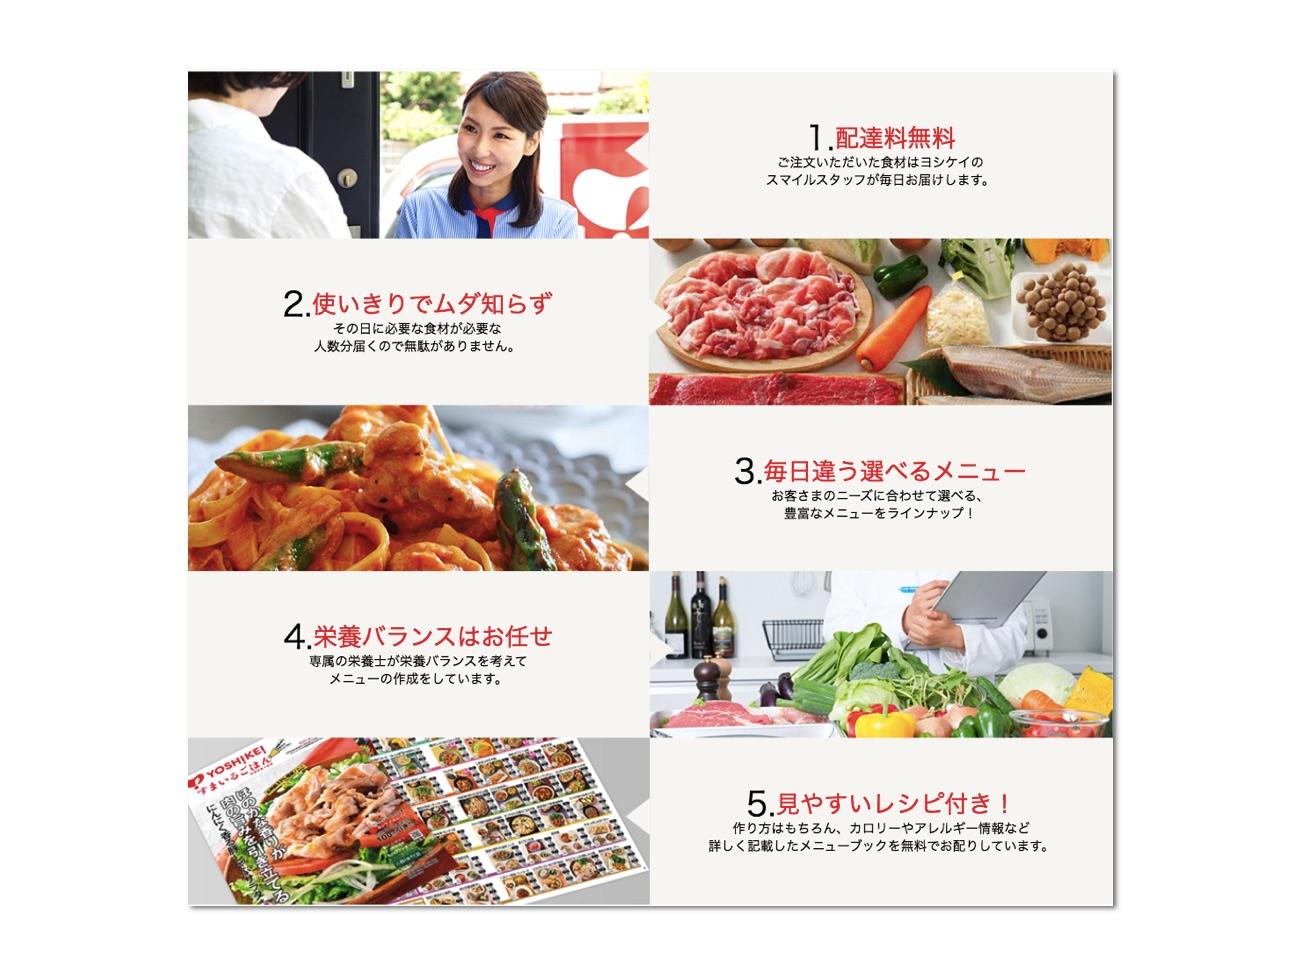 ヨシケイのWebサイト